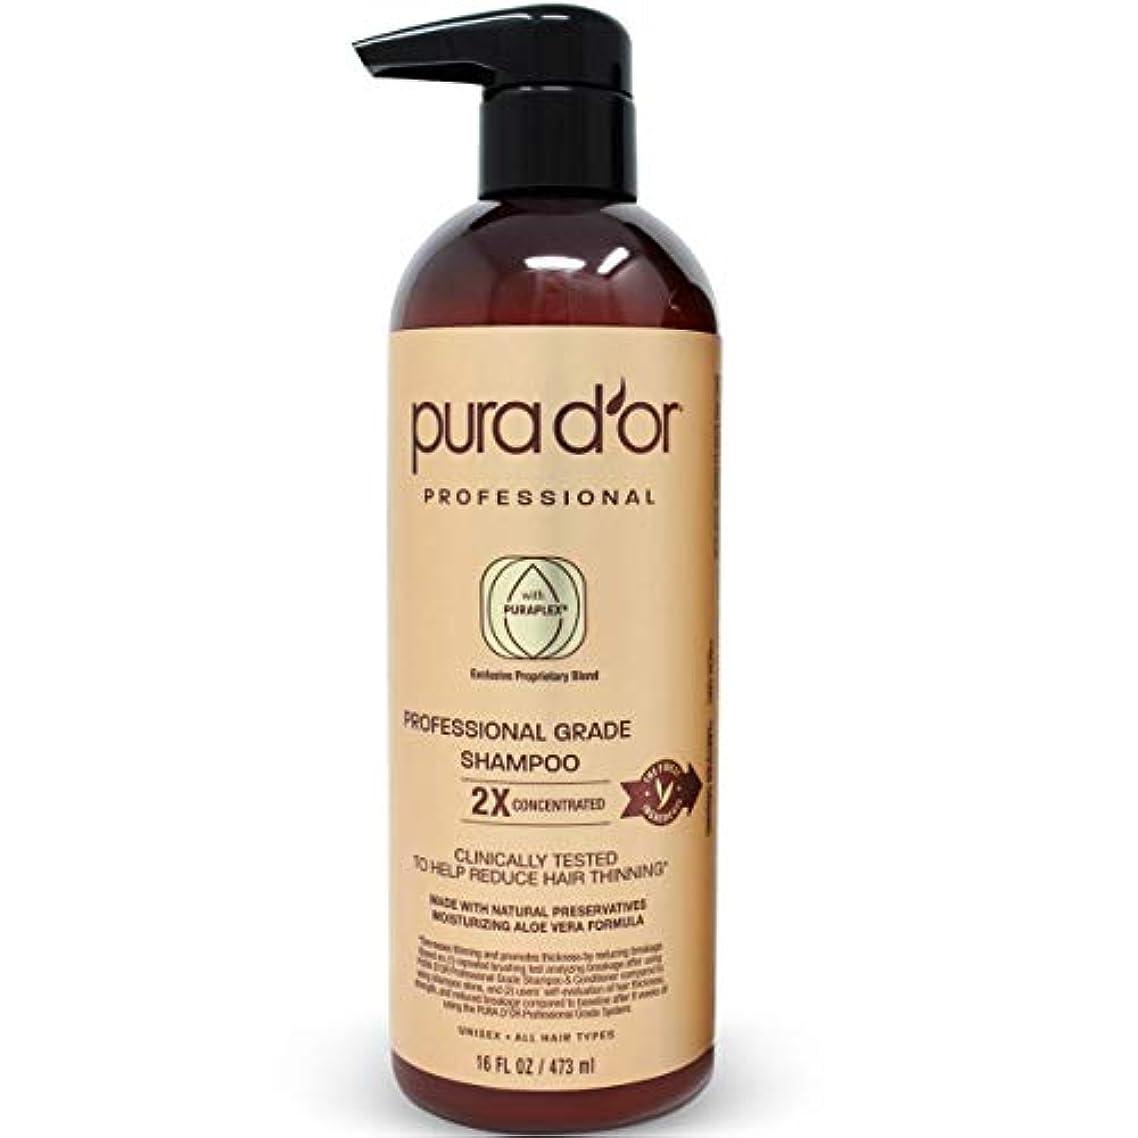 晩ごはん飢え似ているPURA D'OR プロフェッショナル品質 薄毛対策 2X 濃縮 有効成分 効果を高める 天然成分 臨床試験済み、硫酸塩フリー、男性 & 女性、473 ml(16 液量オンス) シャンプー